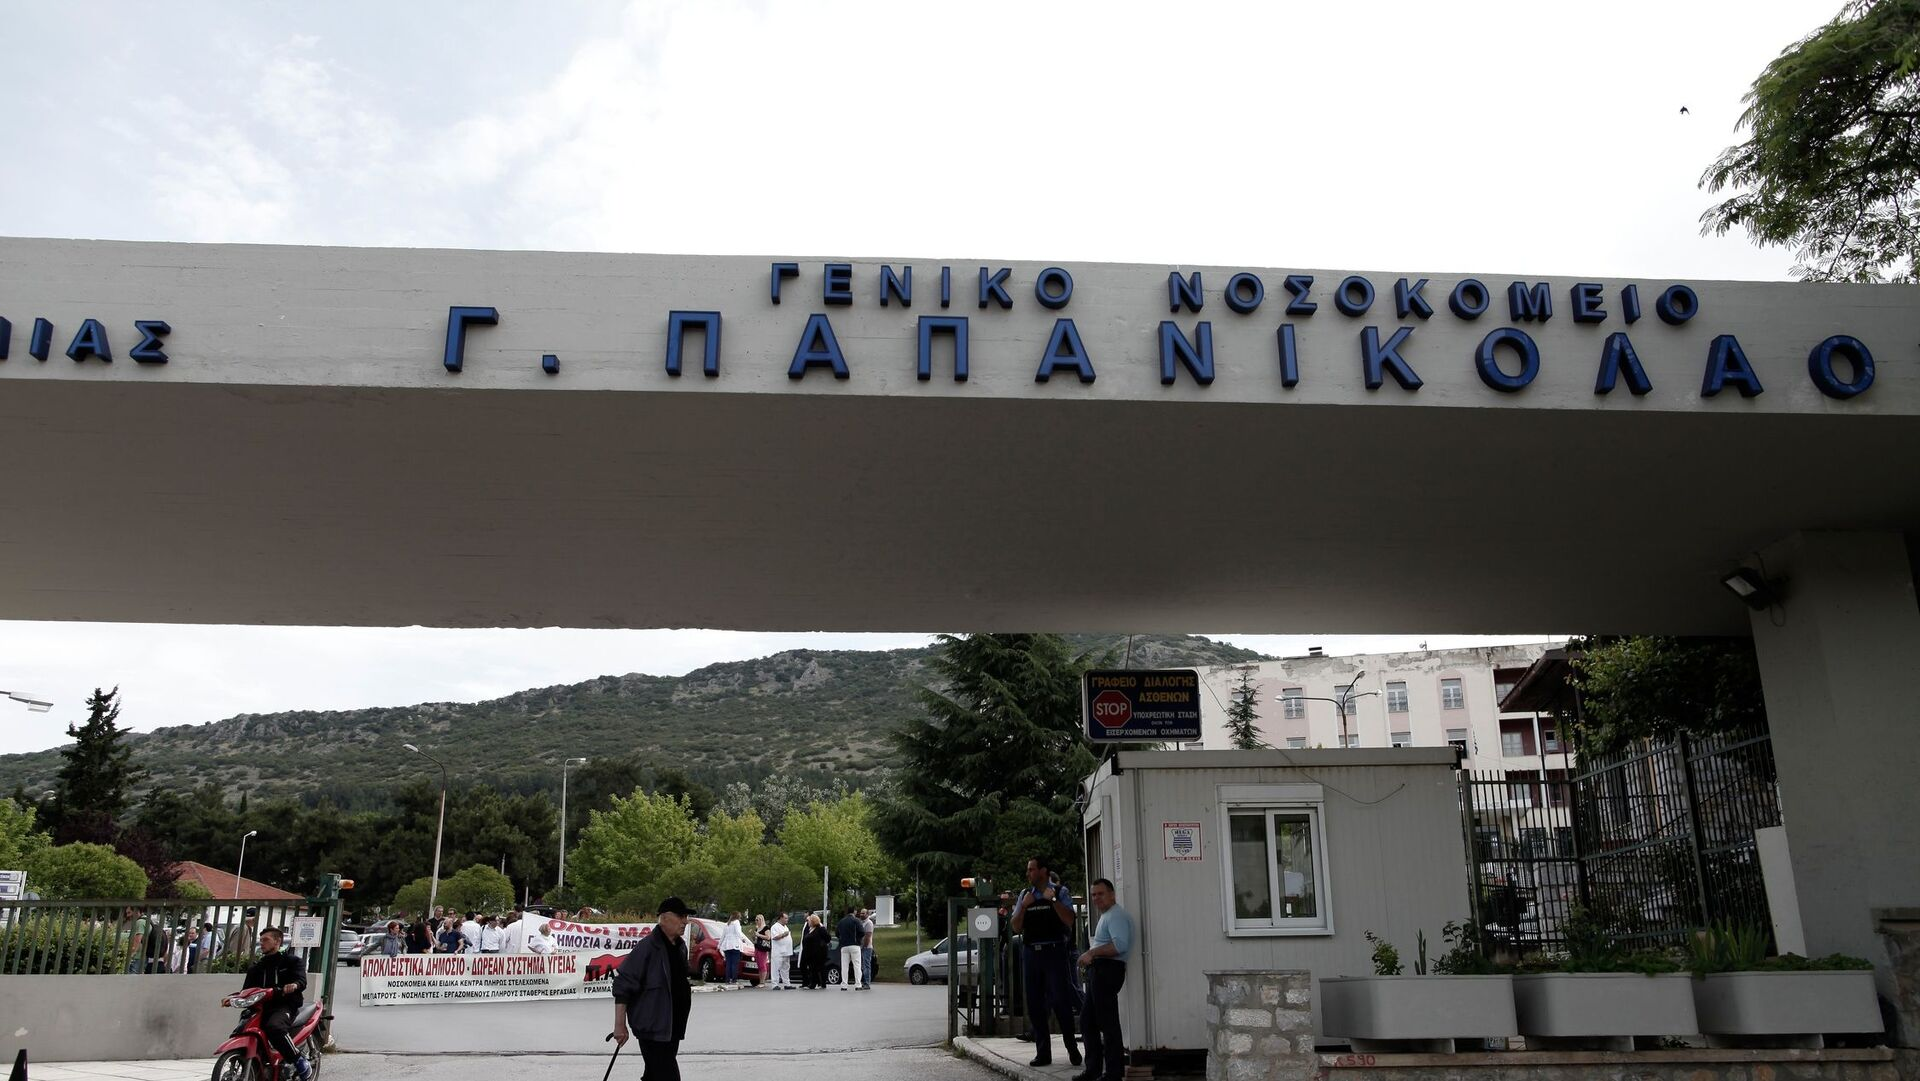 Νοσοκομείο Παπανικολάου Θεσσαλονίκη  - Sputnik Ελλάδα, 1920, 07.10.2021